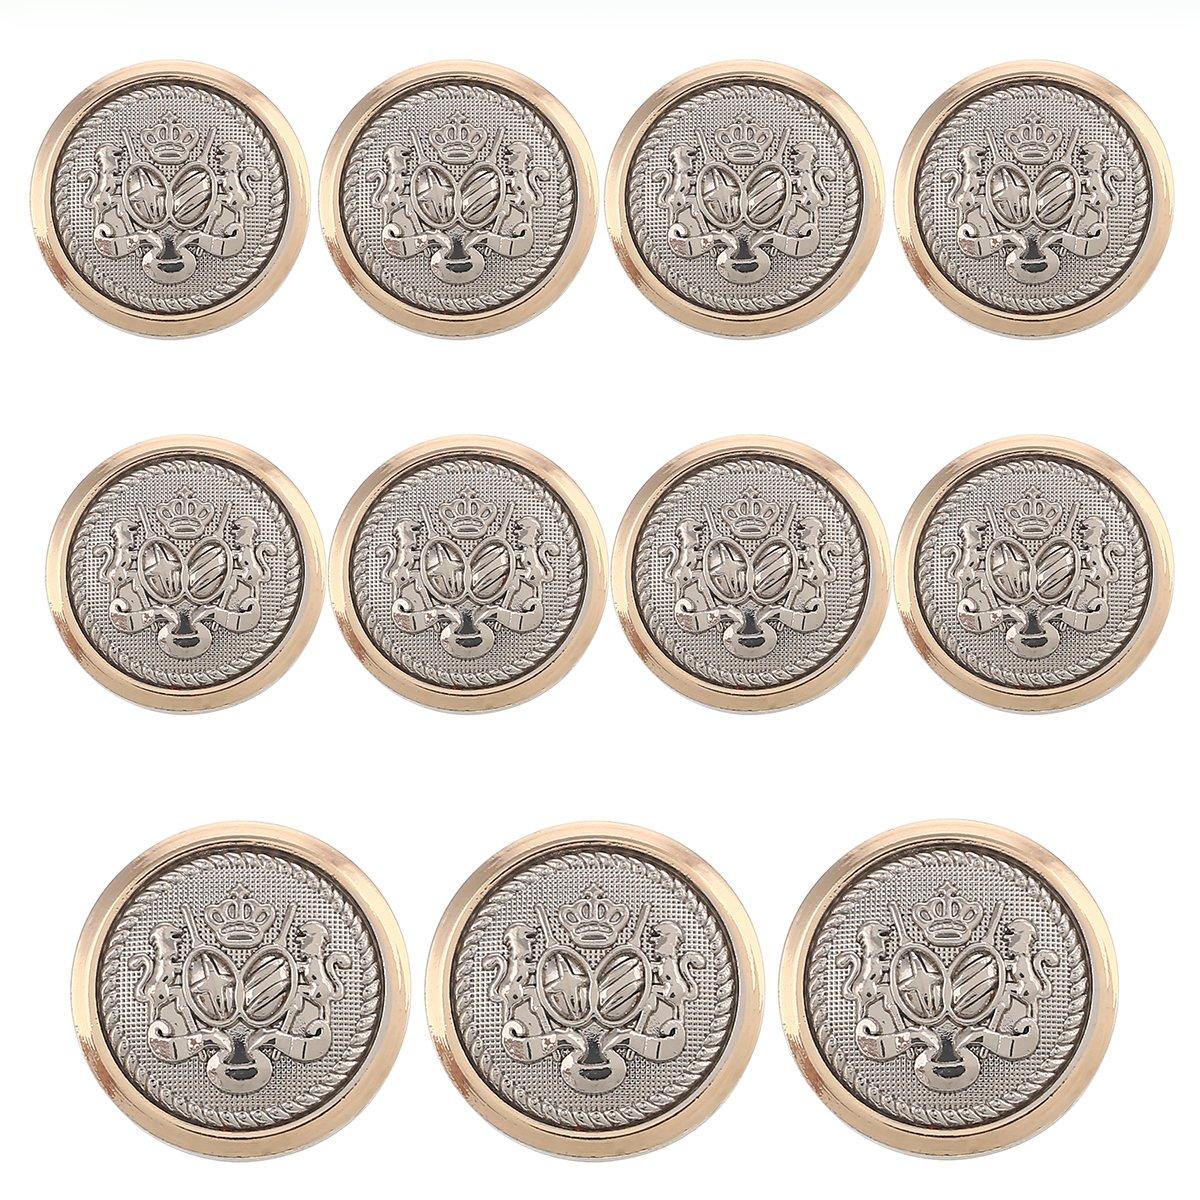 YaHoGa 14pcs Gold Blazer Buttons for Mens Suits Blazers Sport Coats 20mm 15mm Metal Shank Suit Buttons Set for Sewing Coats Suits Blazers MB20080